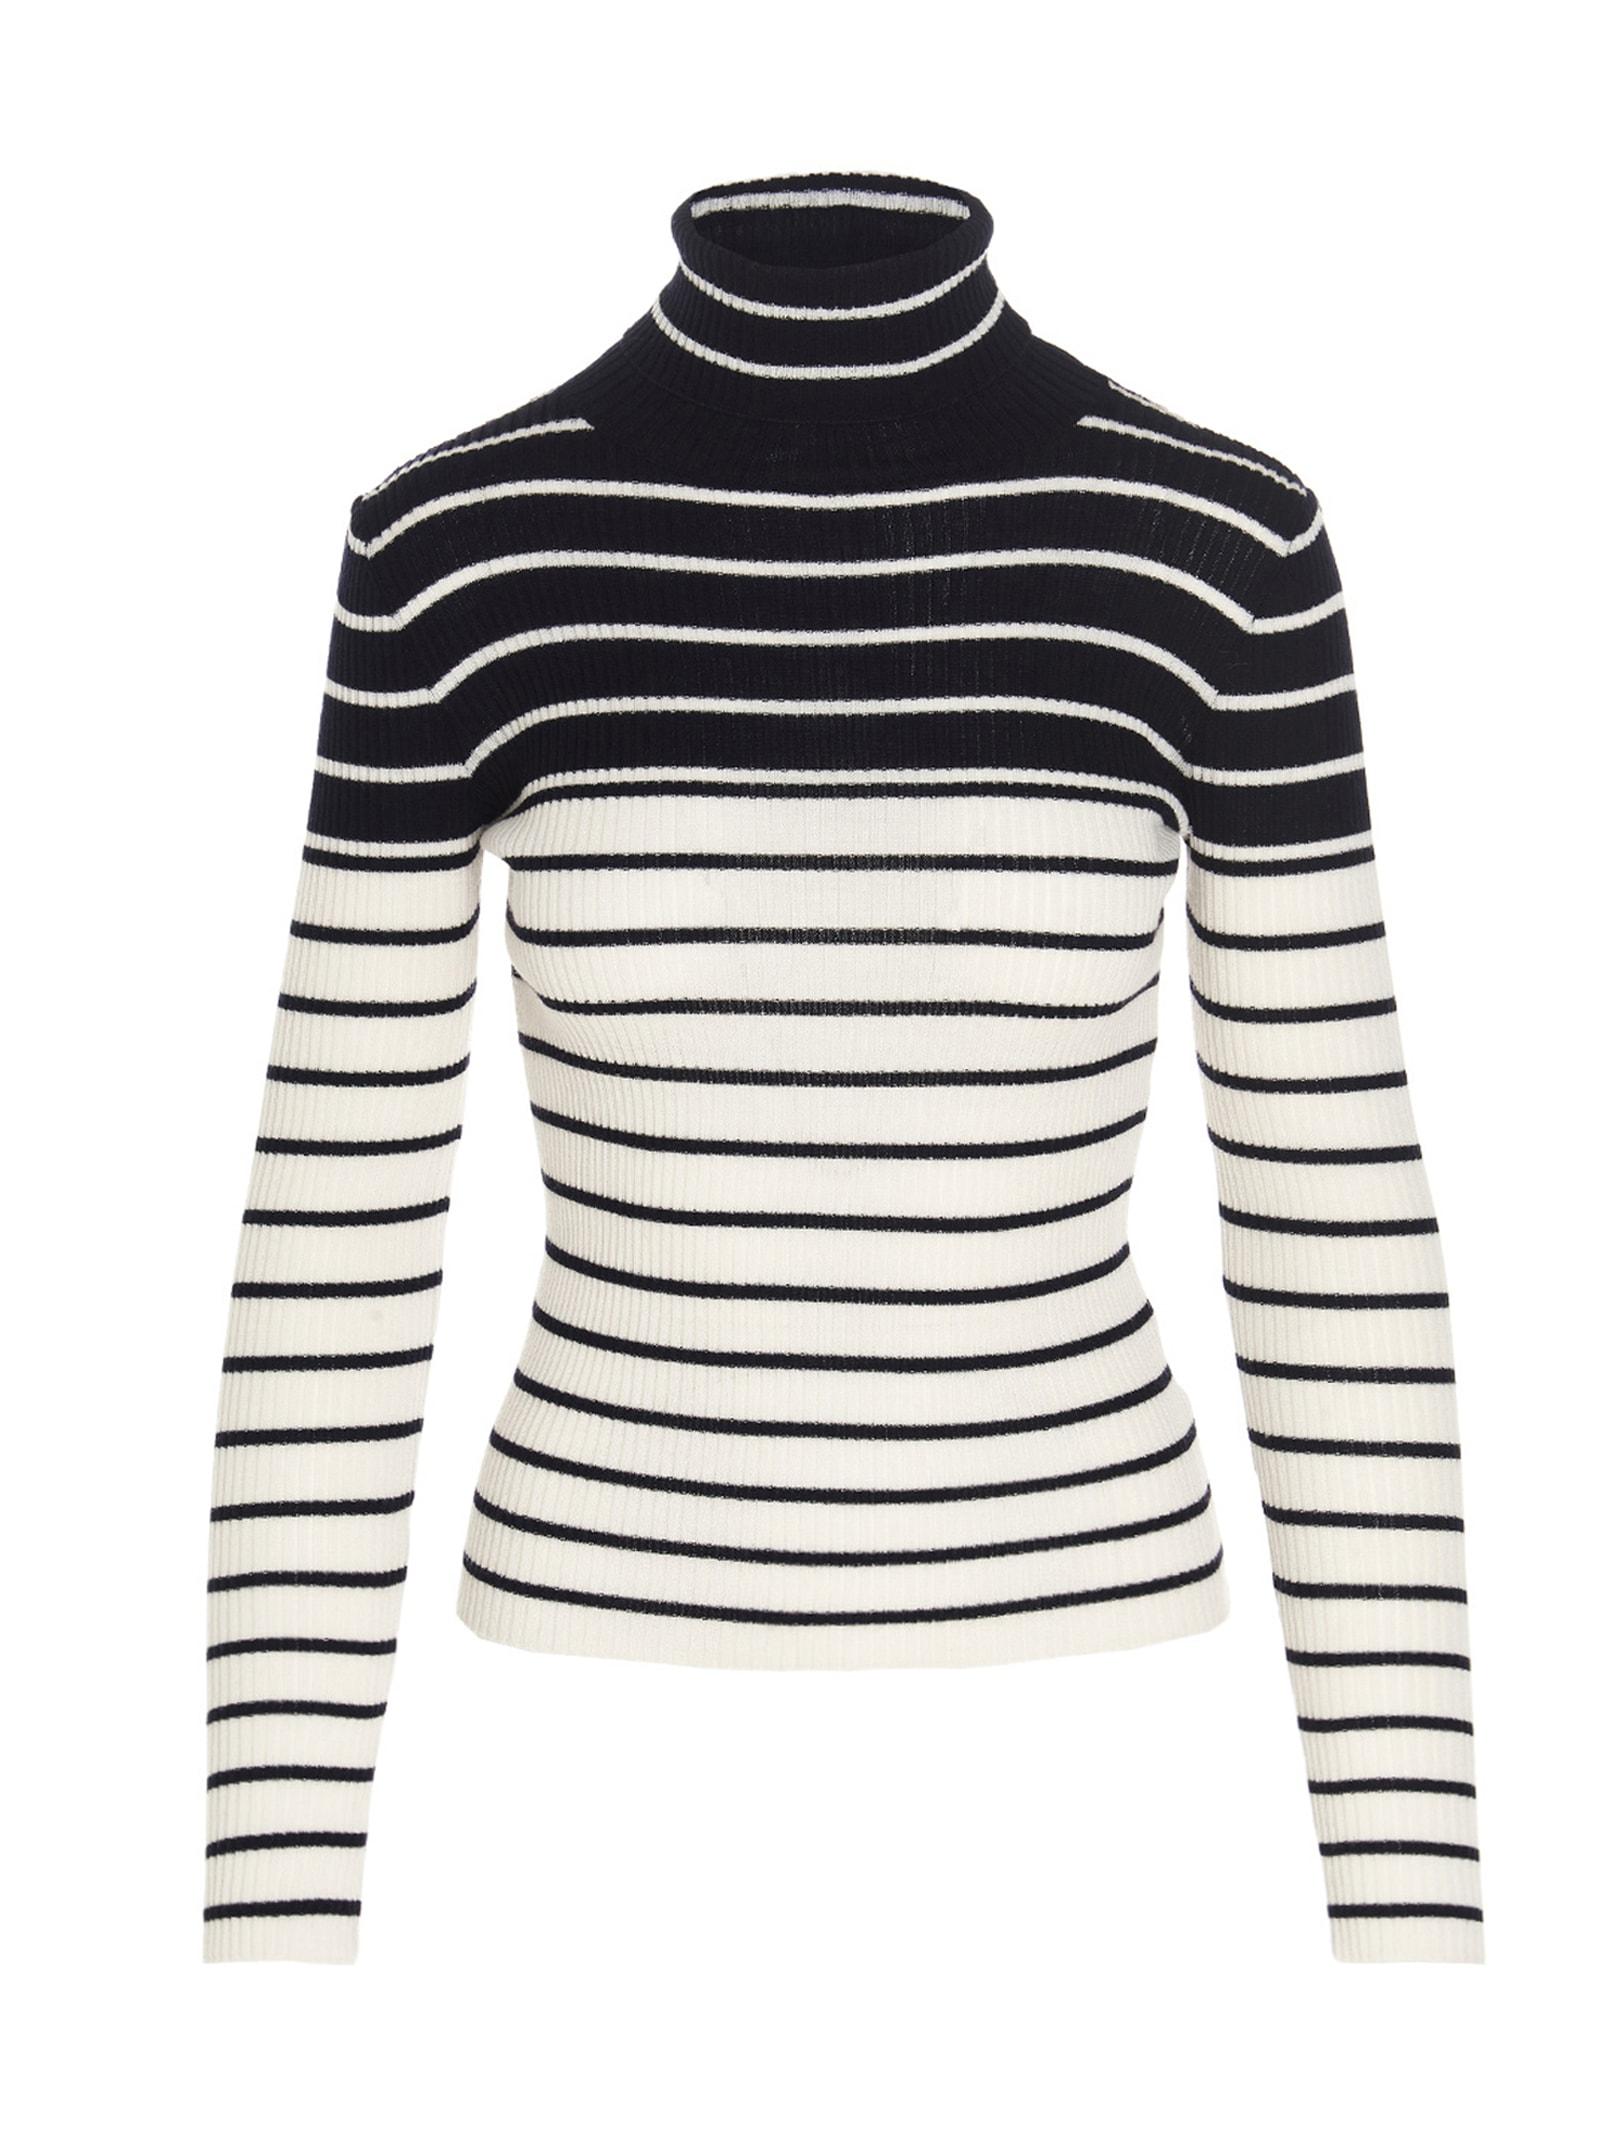 Jucca Striped Sweater